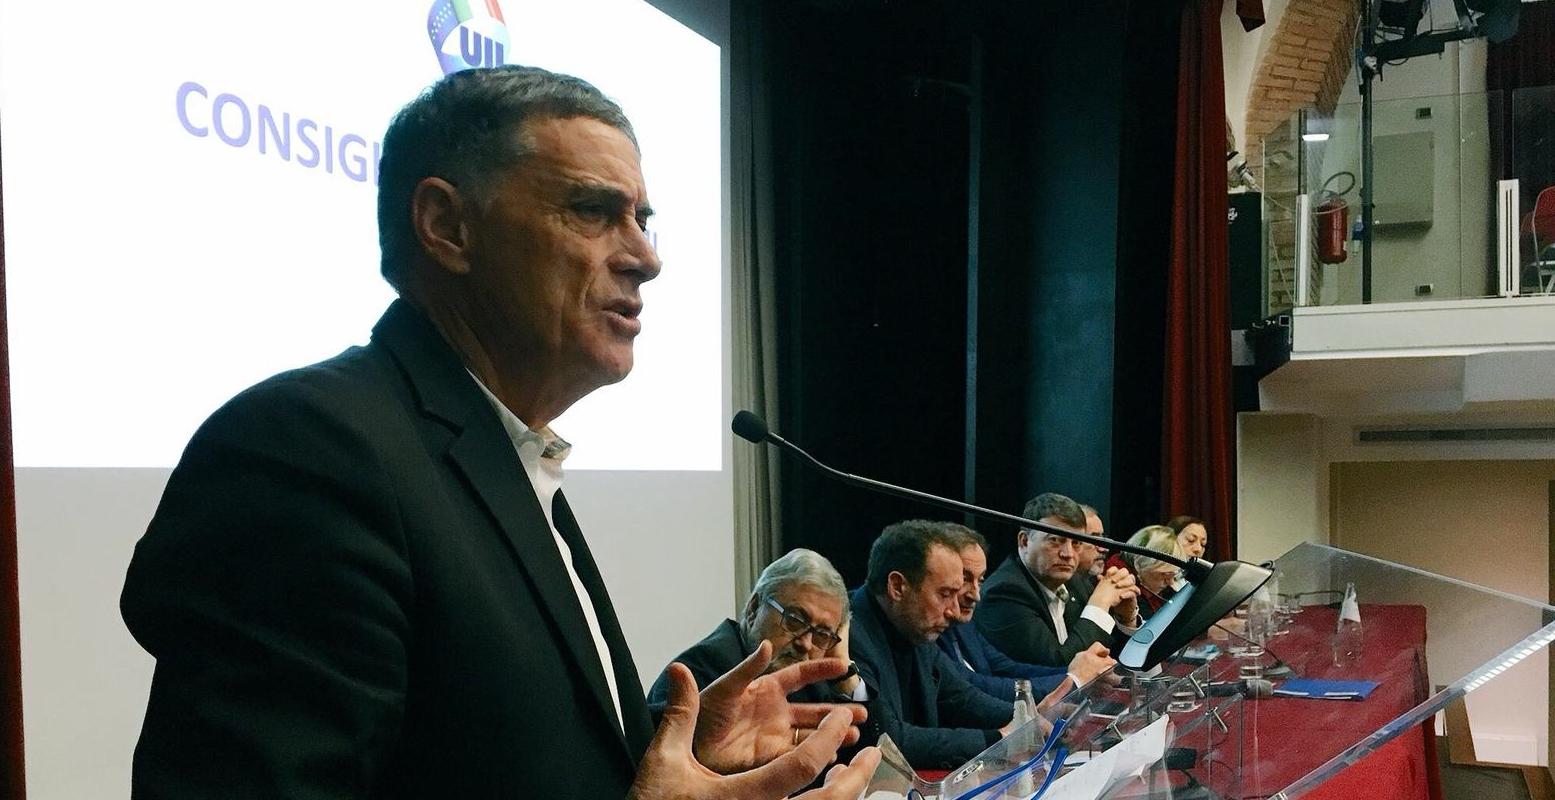 """Rocco Palombella (Uilm) eletto nella Segreteria confederale nazionale della  Uil: """"Onorato di farne parte. Grande riconoscimento per i metalmeccanici"""" -  Uilm"""